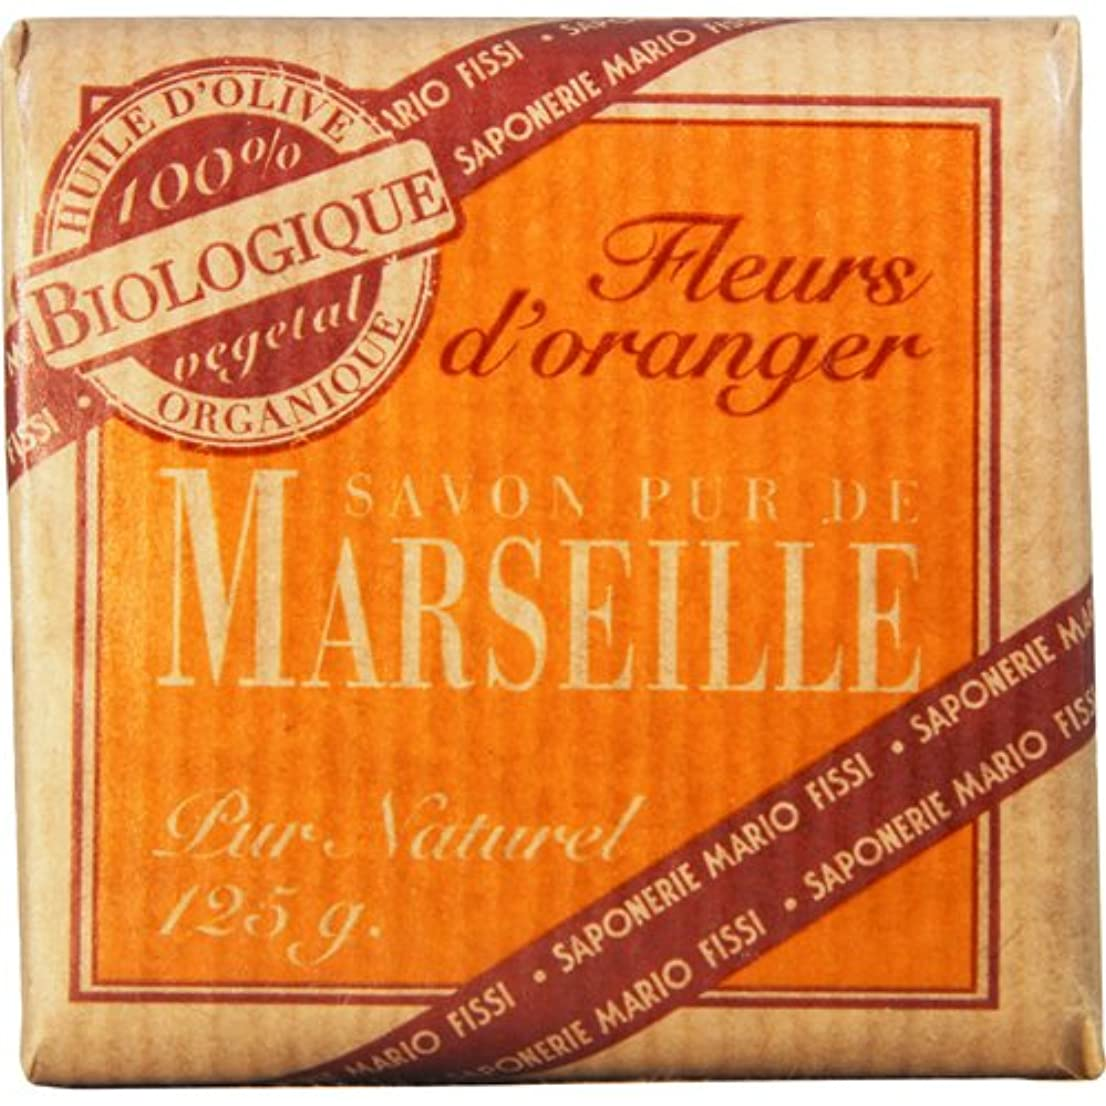 趣味感謝している増幅するSaponerire Fissi マルセイユシリーズ マルセイユソープ 125g Orange Flower オレンジフラワー